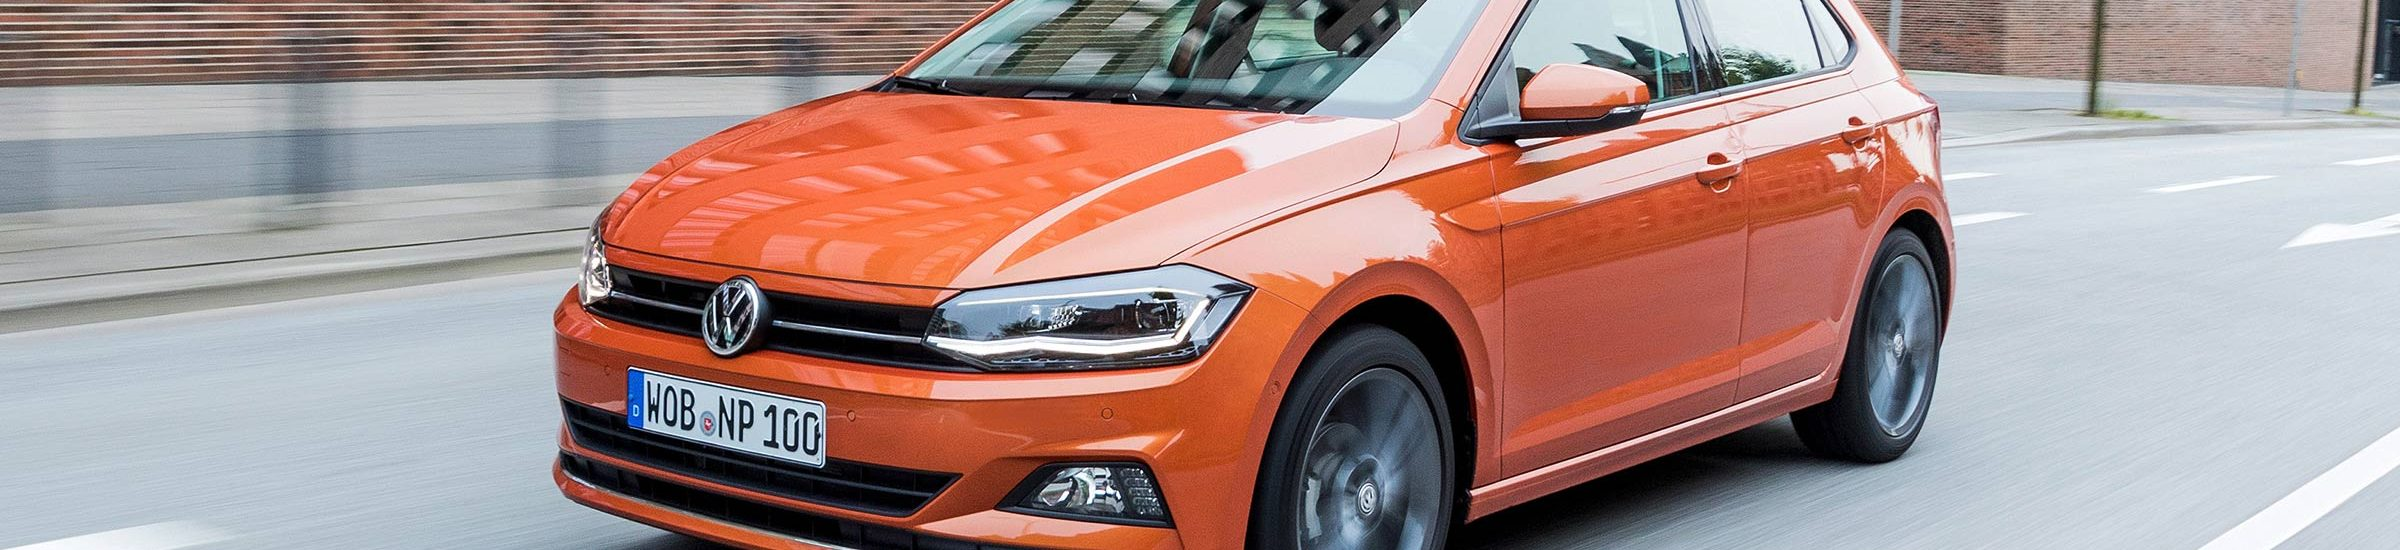 Oferta de Volkswagen Polo en Sartopina